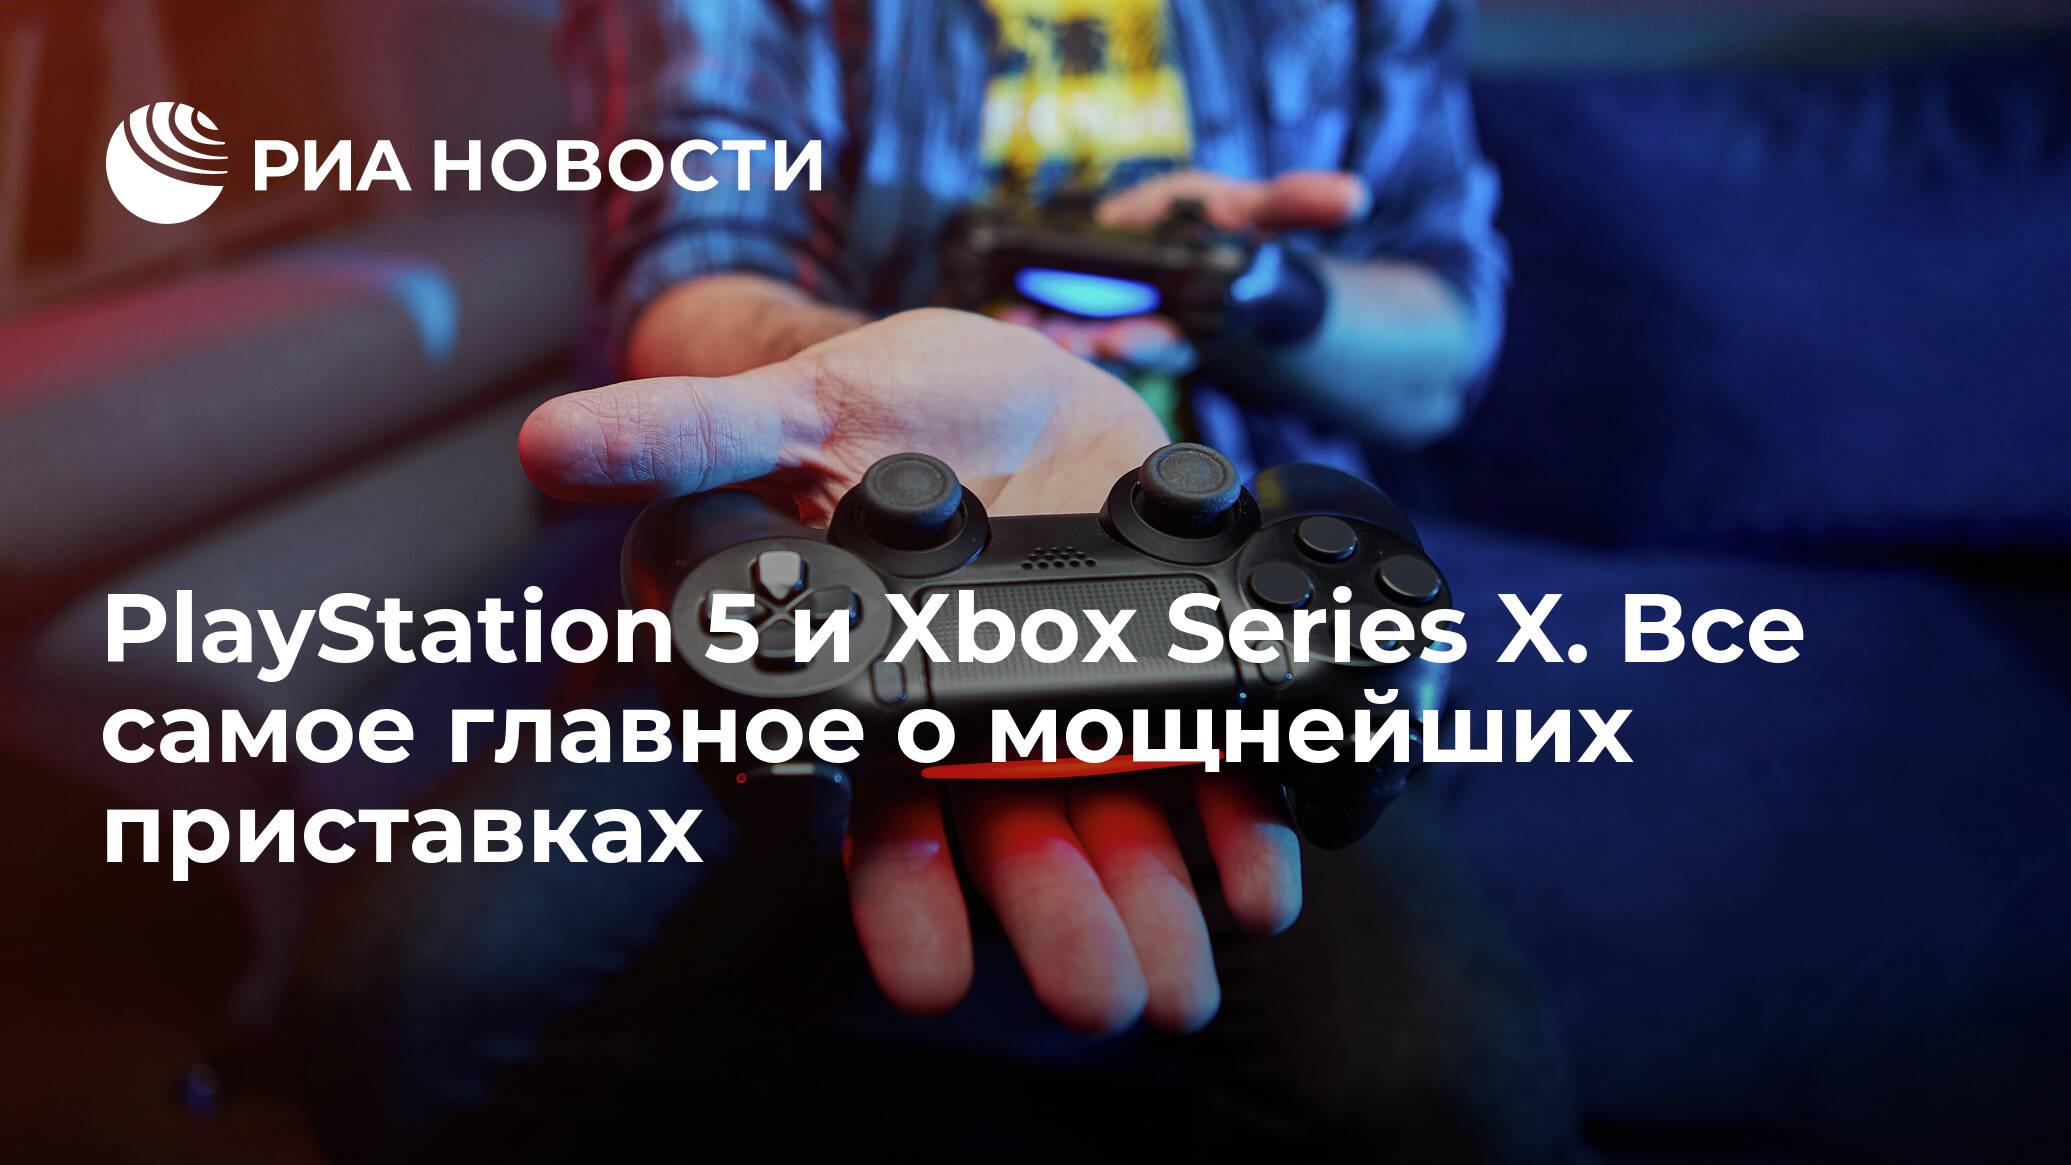 PlayStation 5 и Xbox Series X. Все самое главное о мощнейших приставках - РИА НОВОСТИ